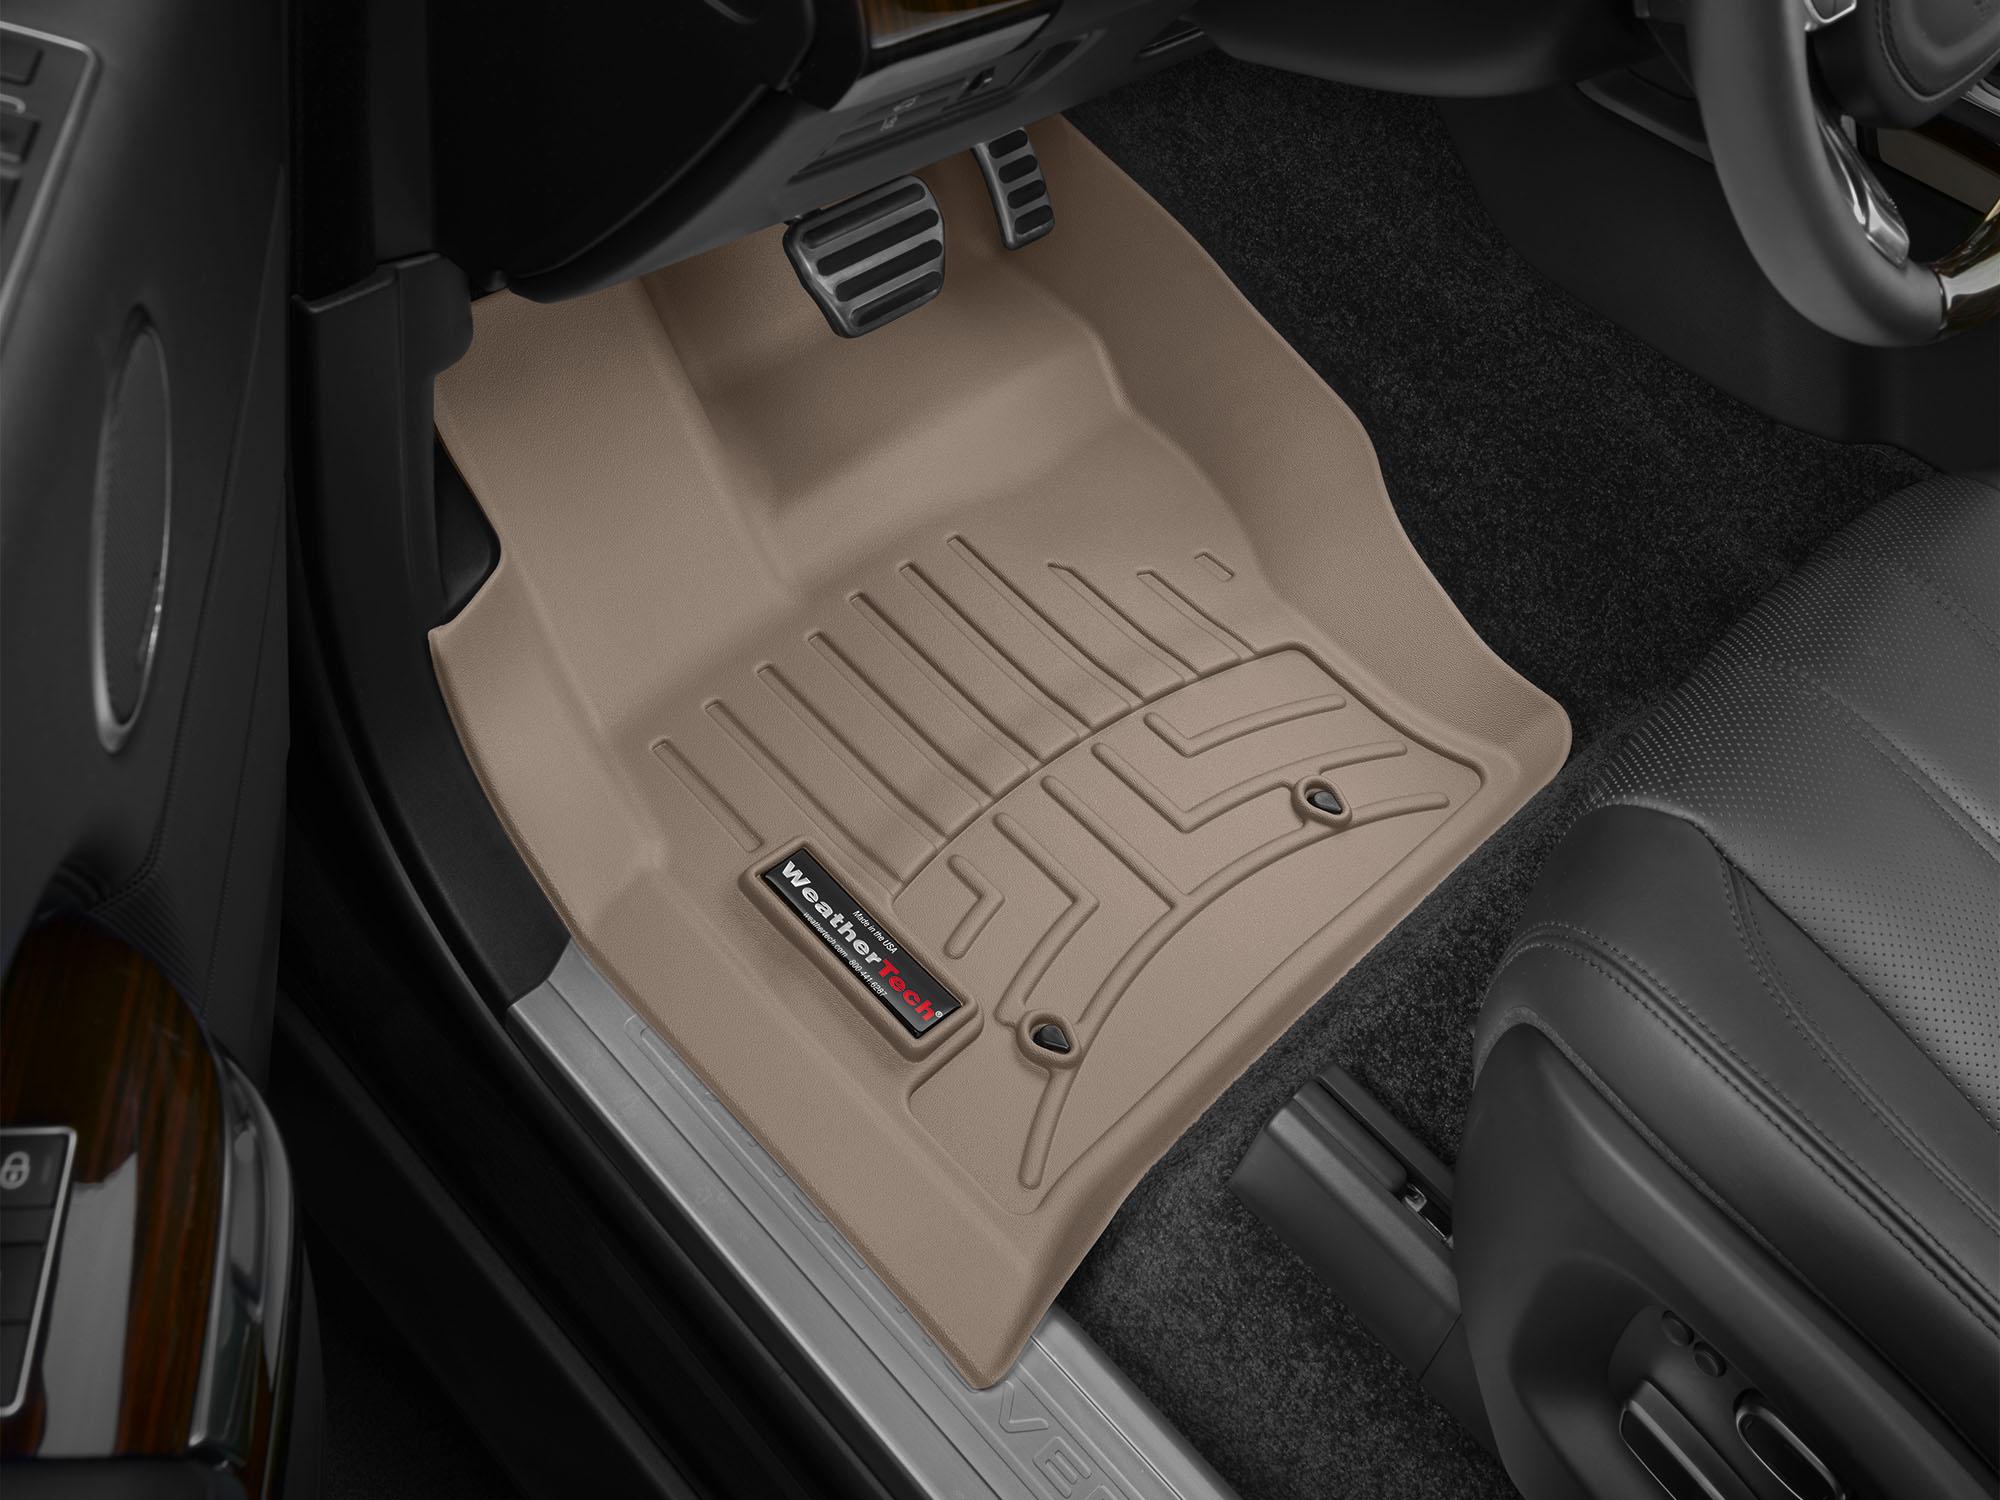 Tappeti gomma su misura bordo alto Land Rover 14>17 Marrone A1993*